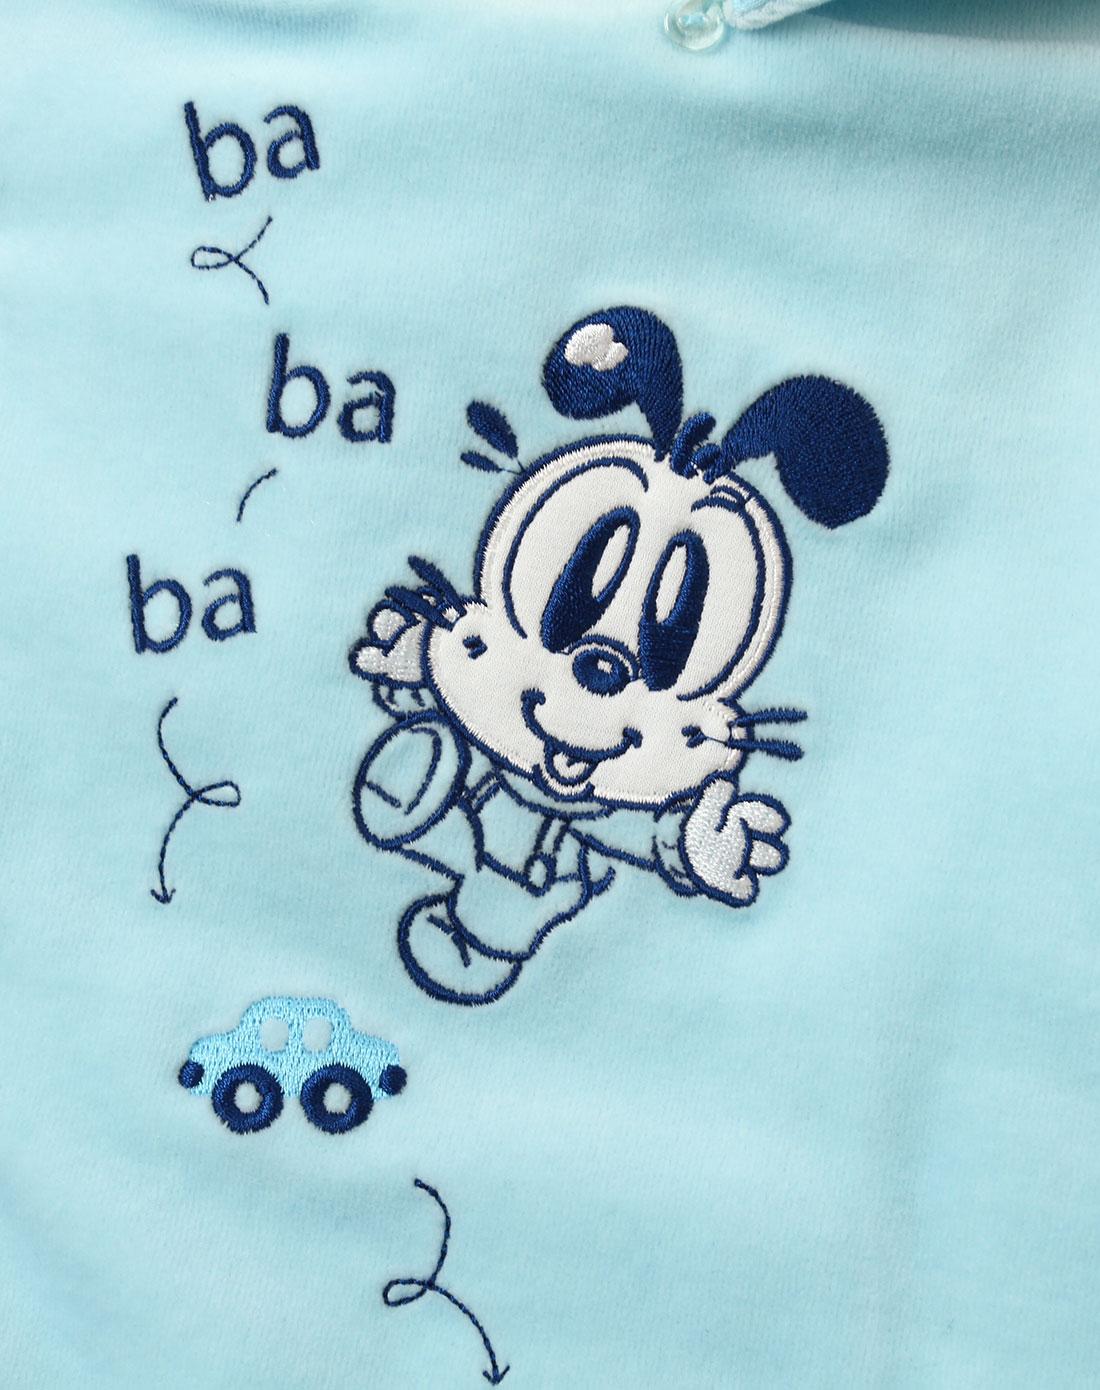 中性浅蓝色儿童卡通可爱连衣裤